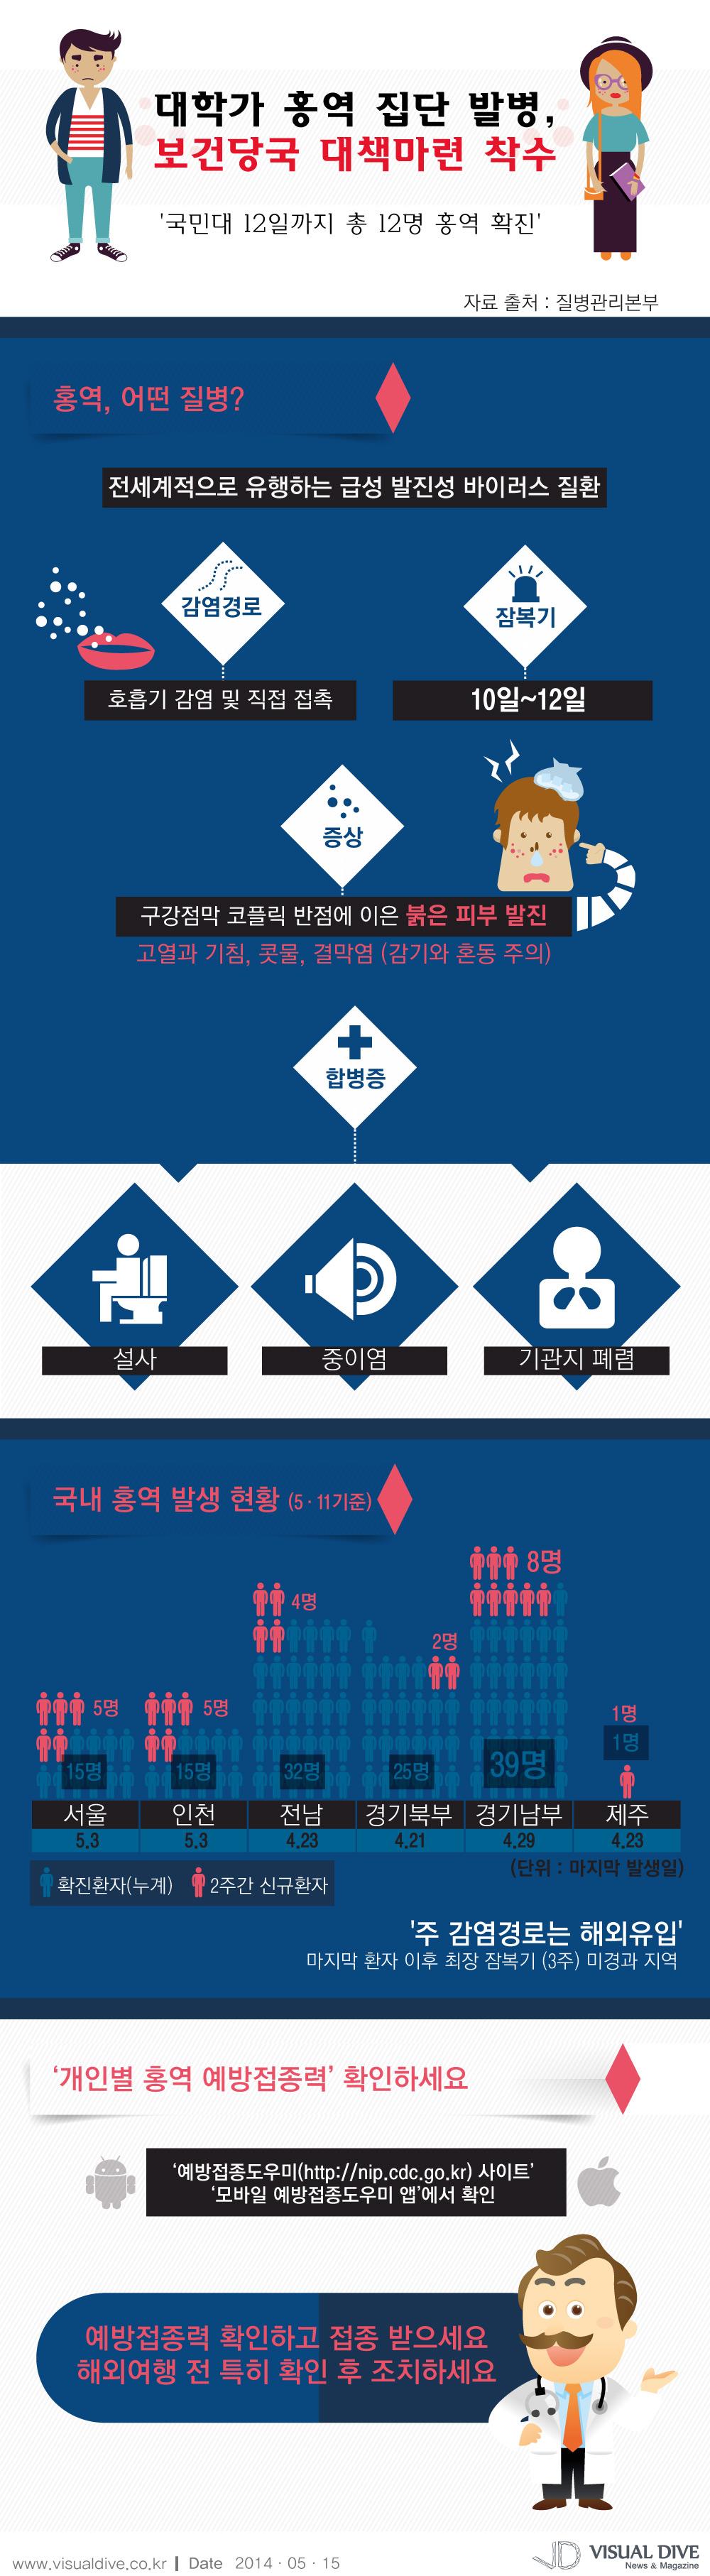 대학가 '홍역' 집단 발병…보건당국 홍역 확산 차단 나서 [인포그래픽] #disease #Infographic ⓒ 비주얼다이브 무단 복사·전재·재배포